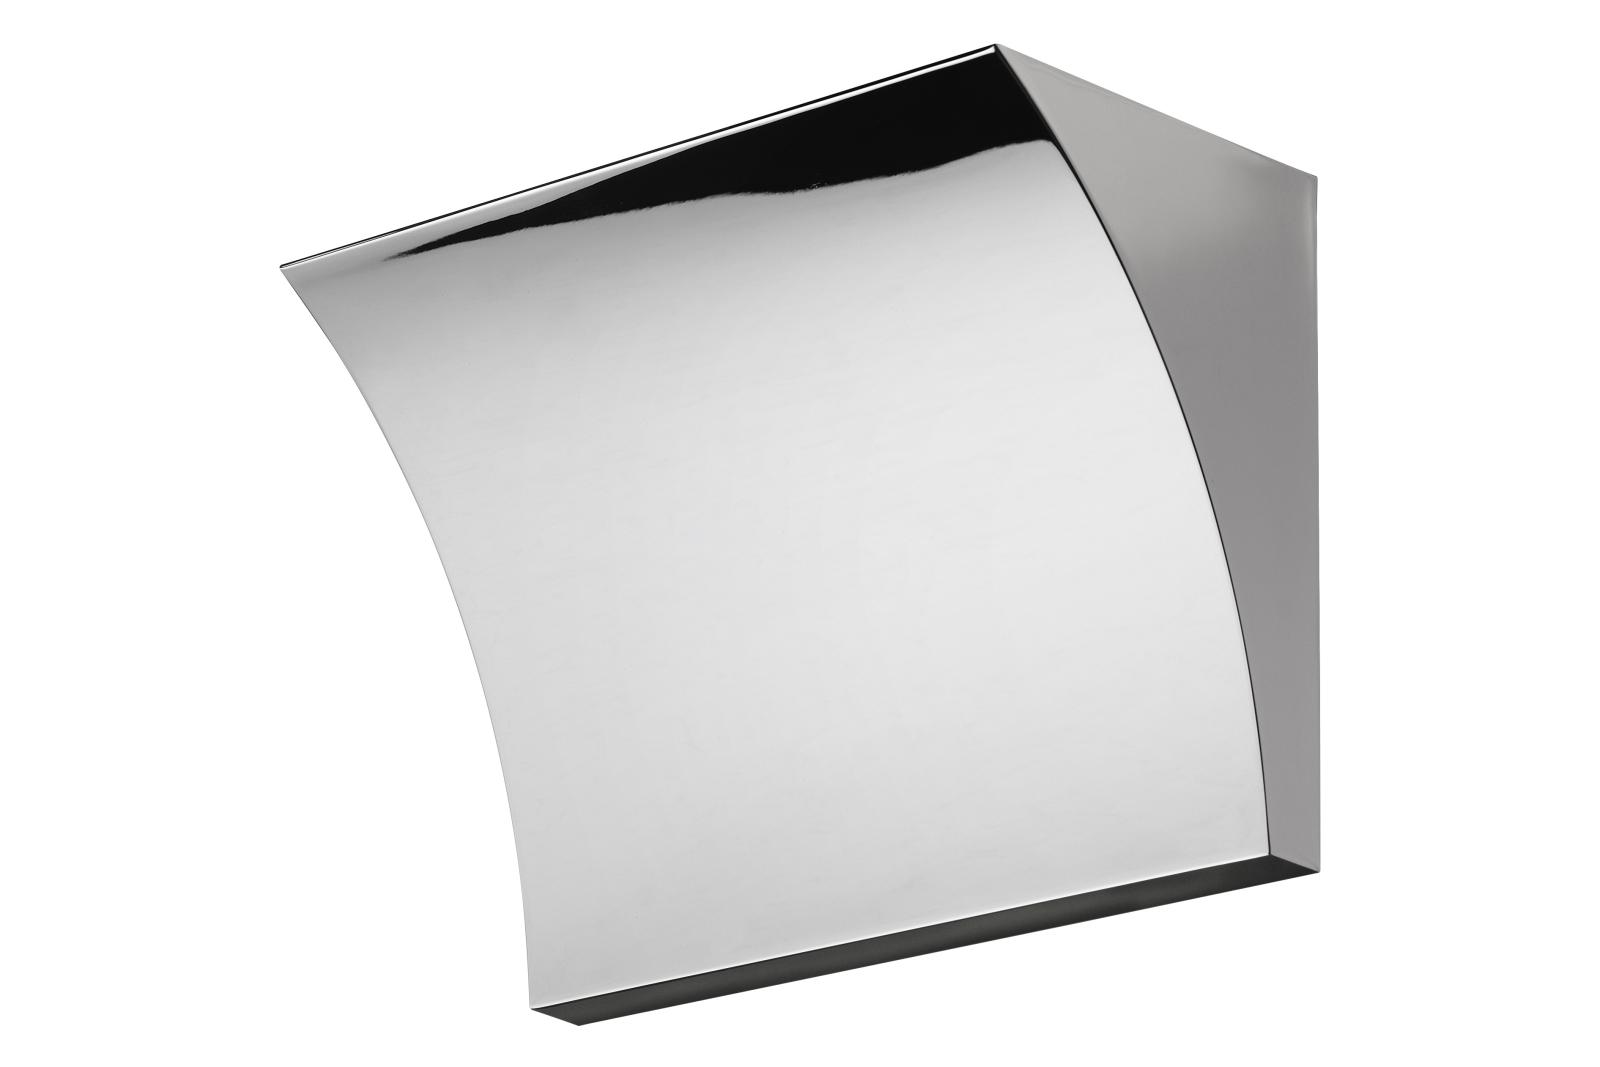 Pochette Wall Light Chrome, Pochette Up/Down